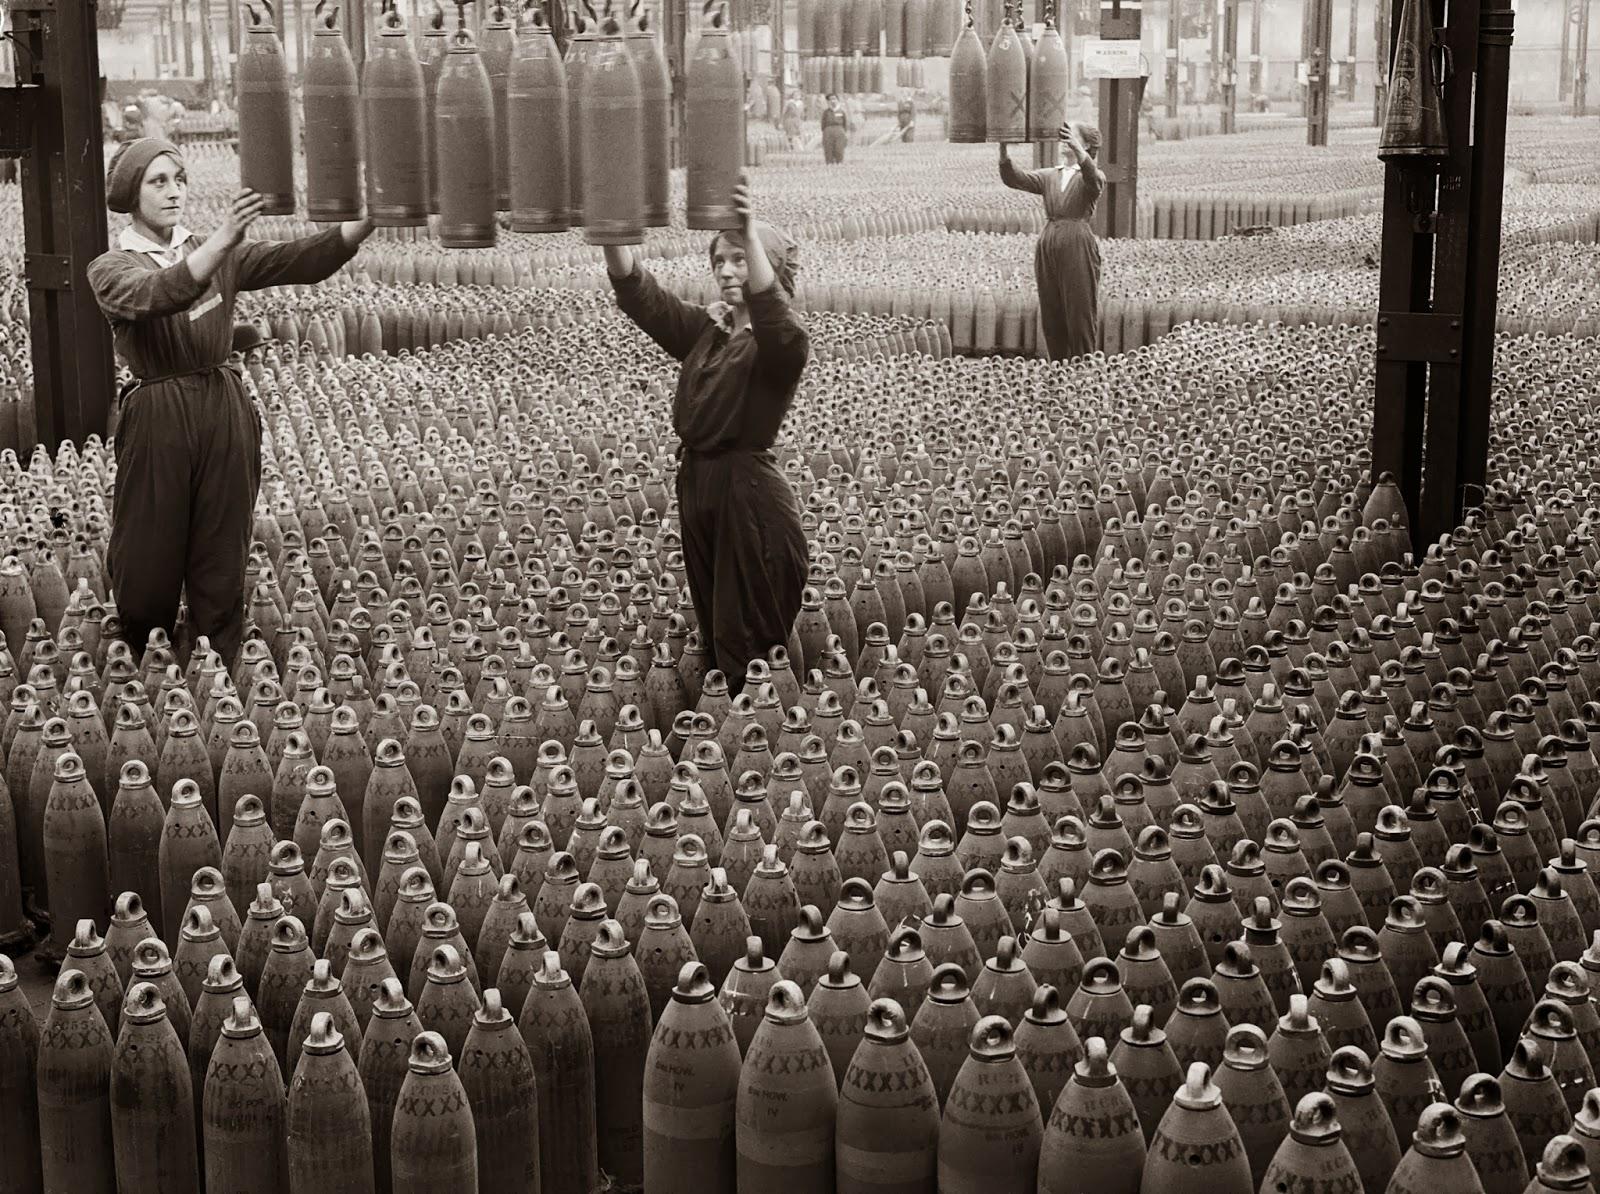 World Of Technology Munitions Factory During World War 1